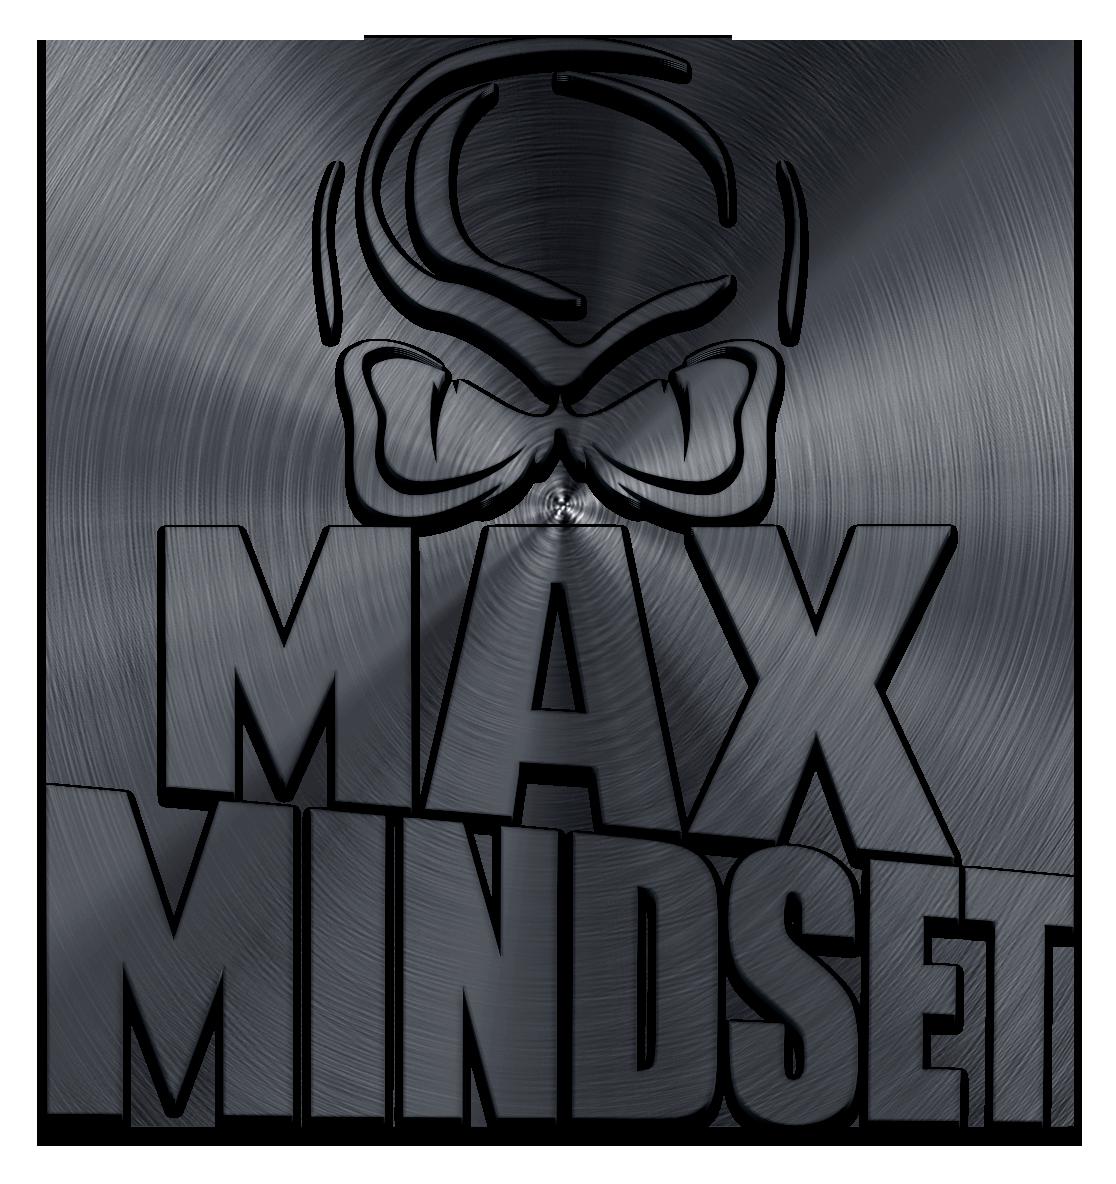 MaxMindset.com